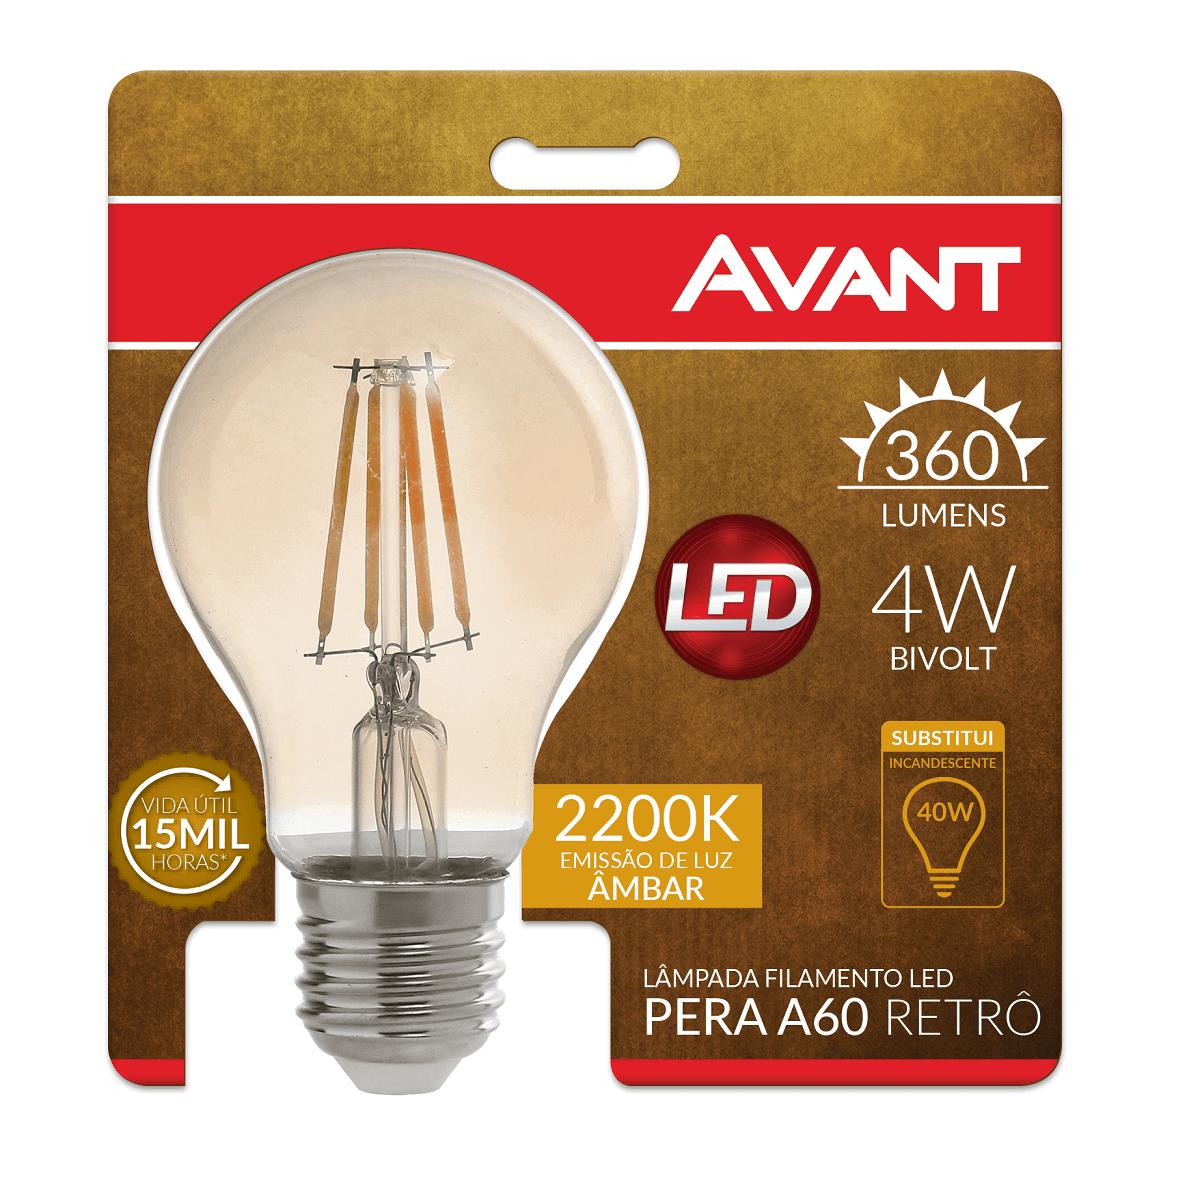 kit 2 Lâmpada LED de Filamento Pera ST64 + A60 LED